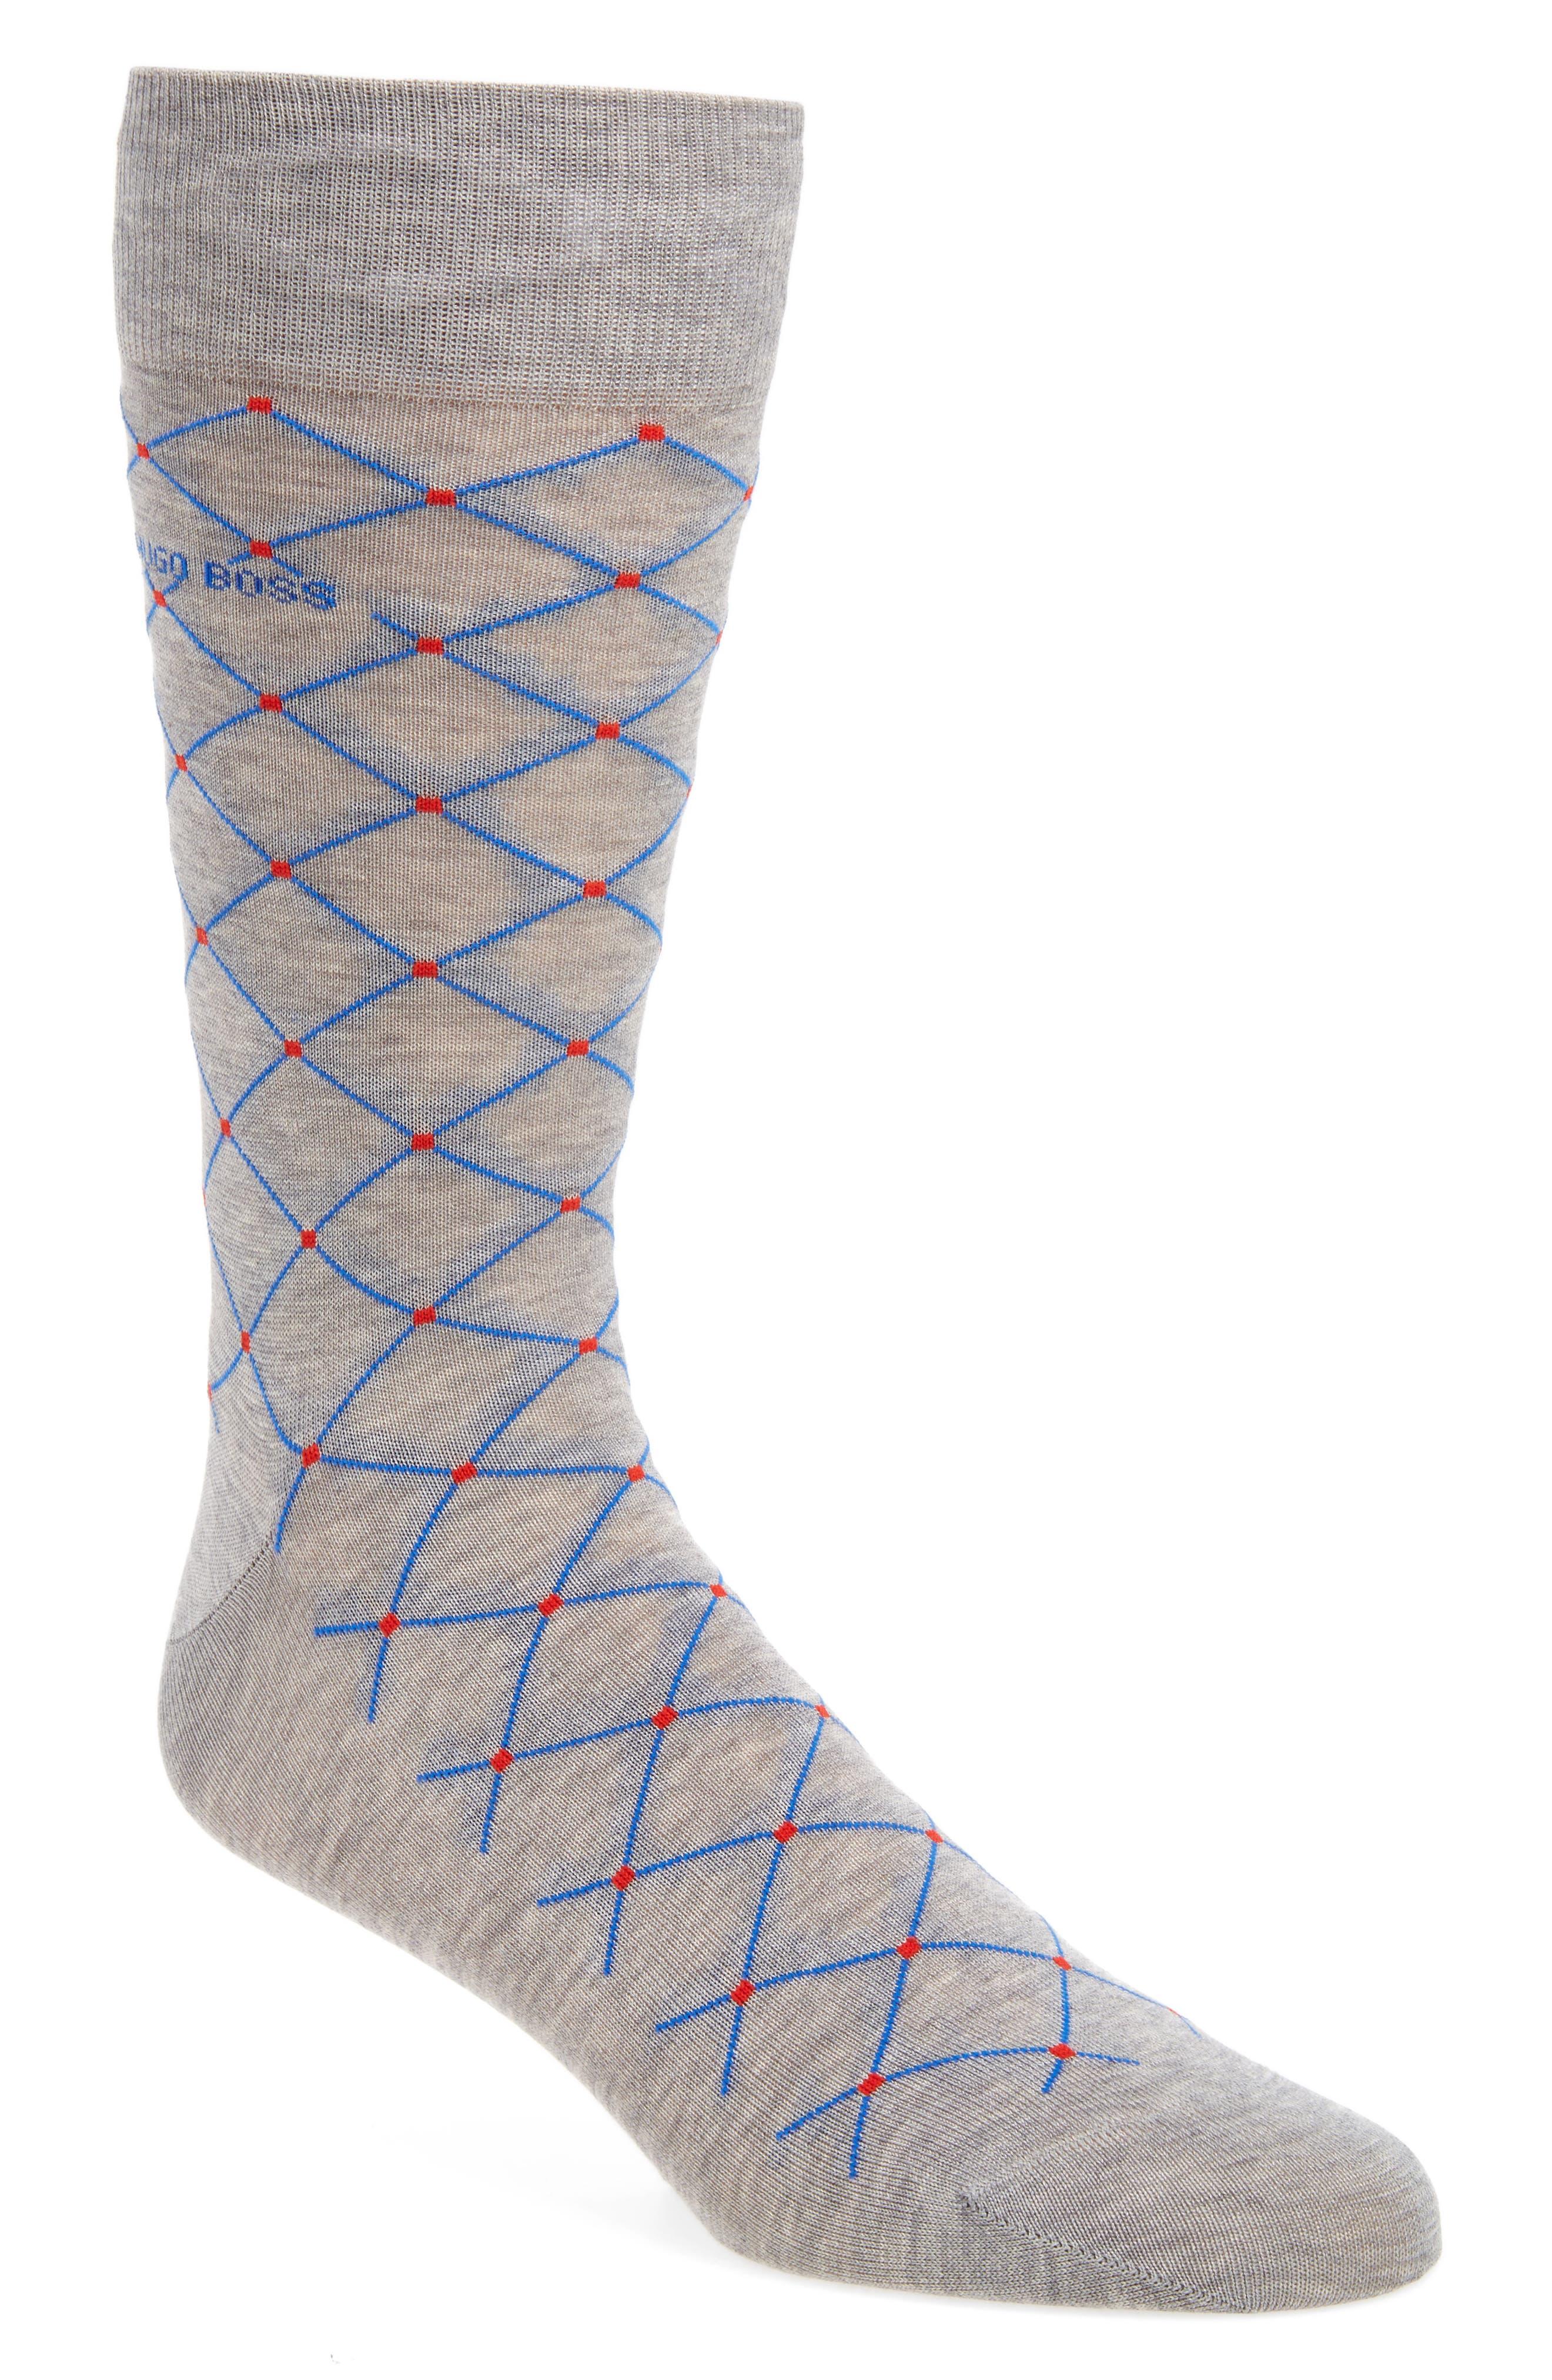 BOSS RS Design Modern Argyle Socks